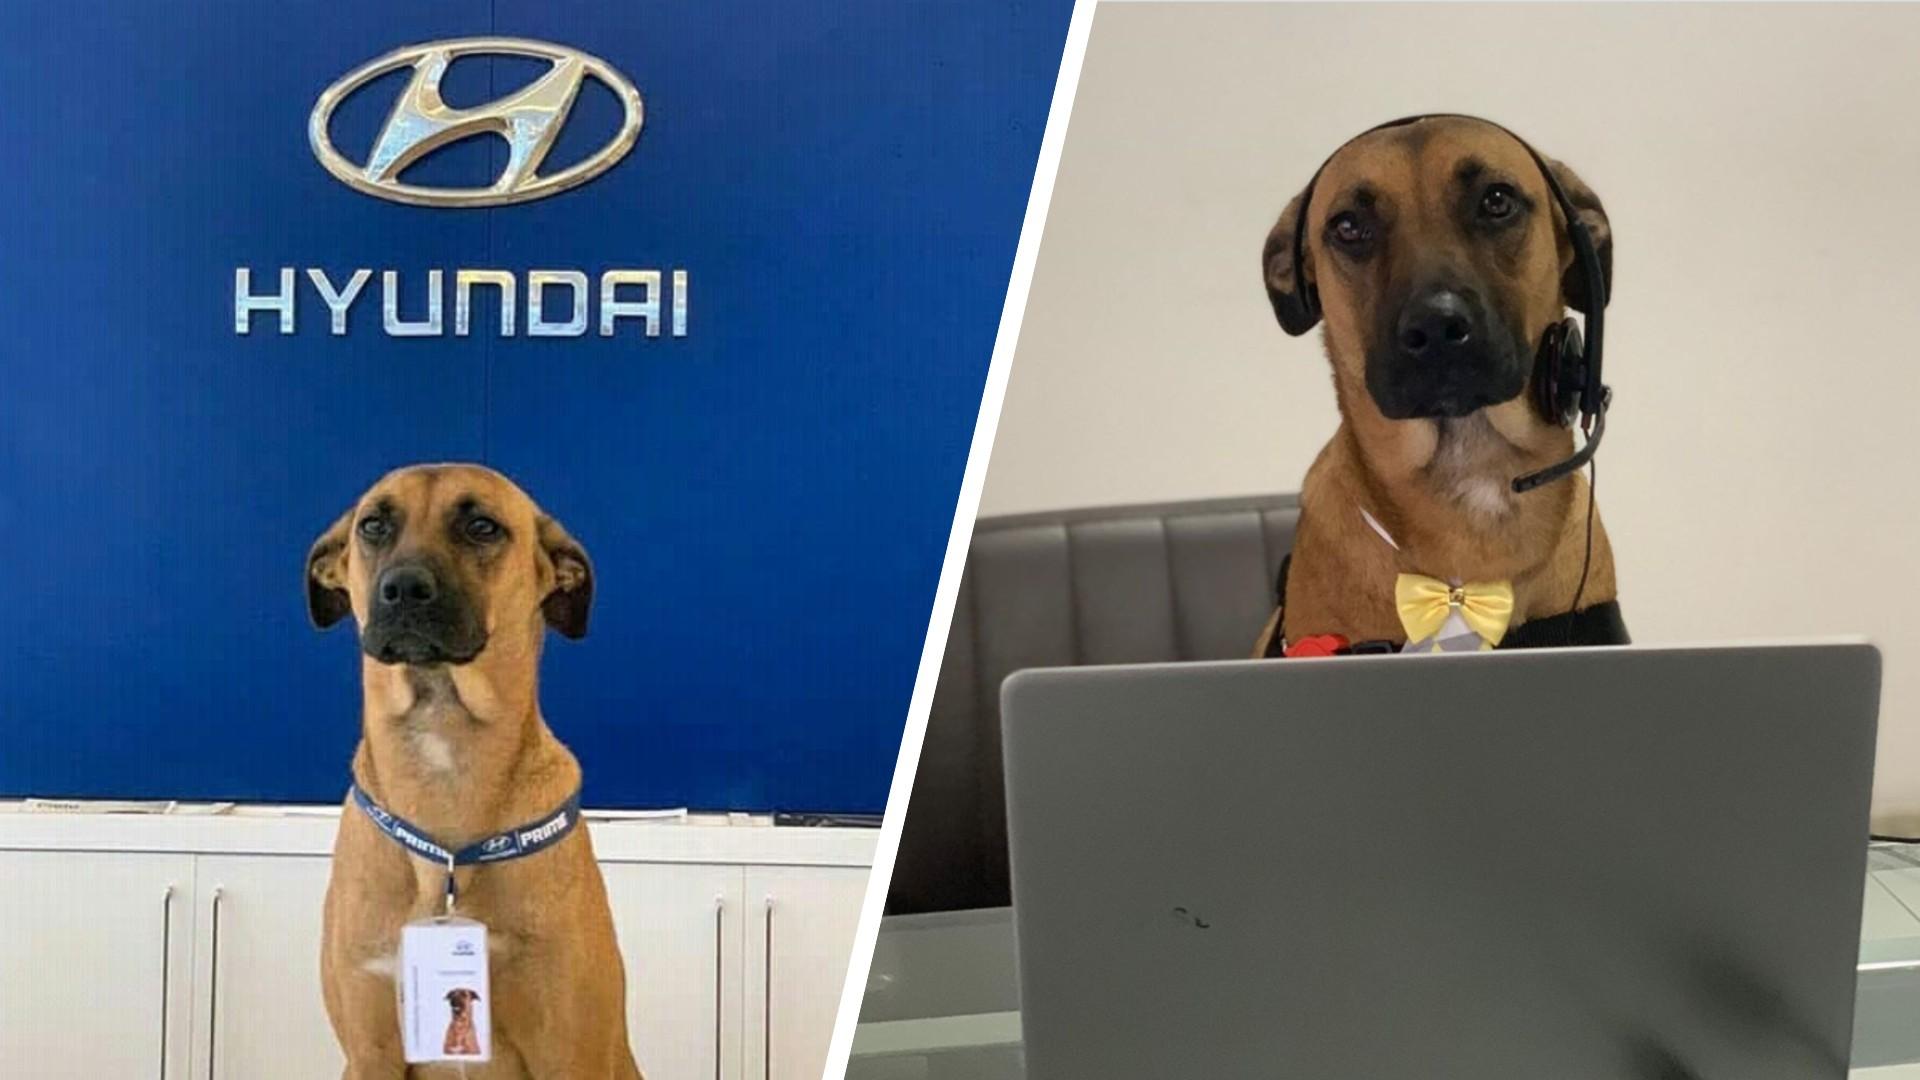 Σκύλος βρίσκει δουλειά σε αντιπροσωπεία αυτοκινήτων